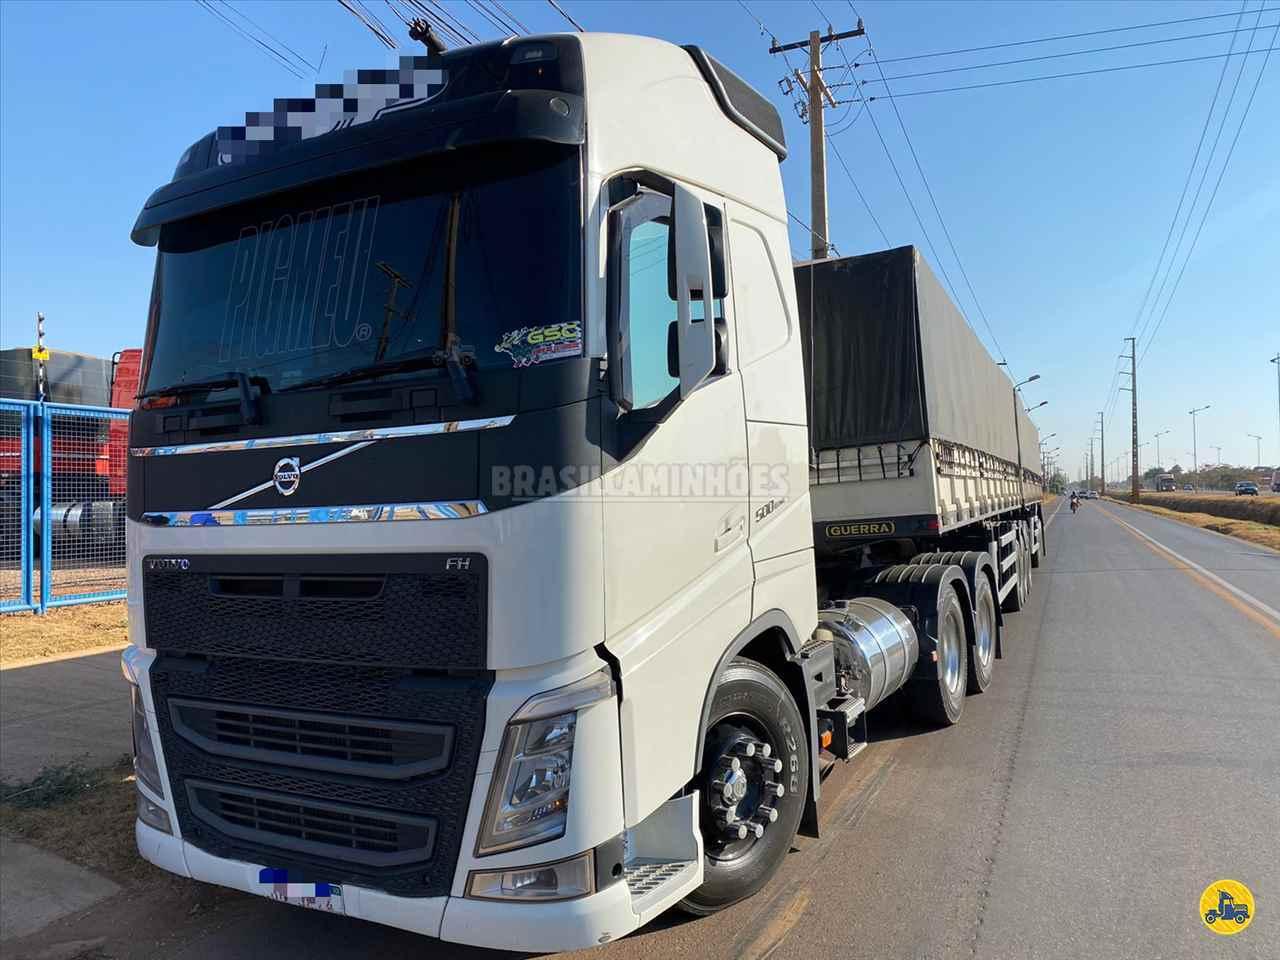 CAMINHAO VOLVO VOLVO FH 500 Graneleiro Traçado 6x4 Brasil Caminhões Sinop SINOP MATO GROSSO MT